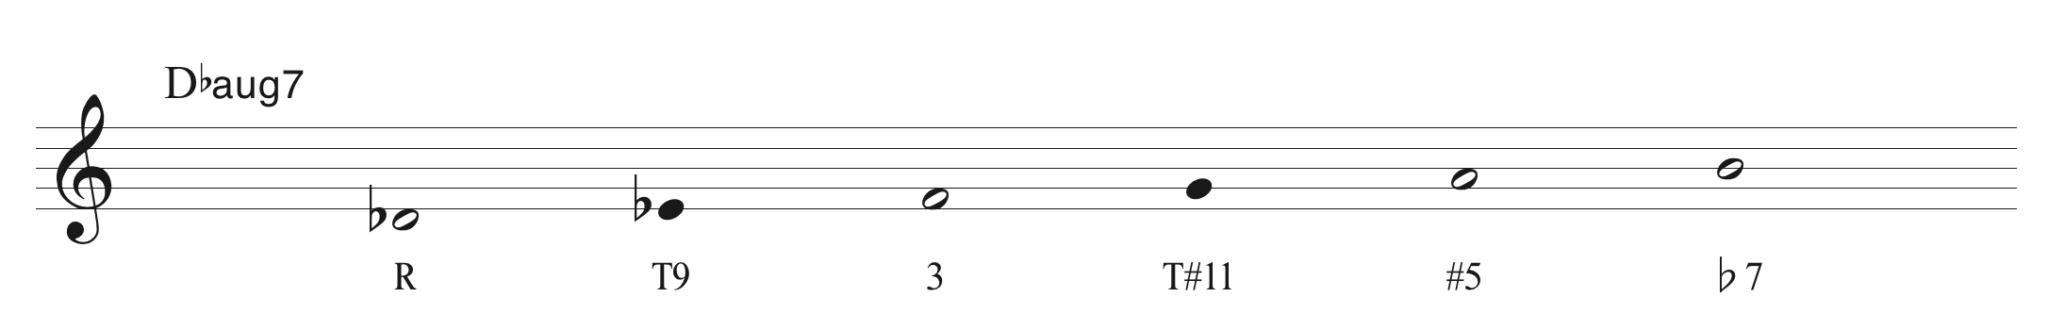 D♭ Whole Tone Scale